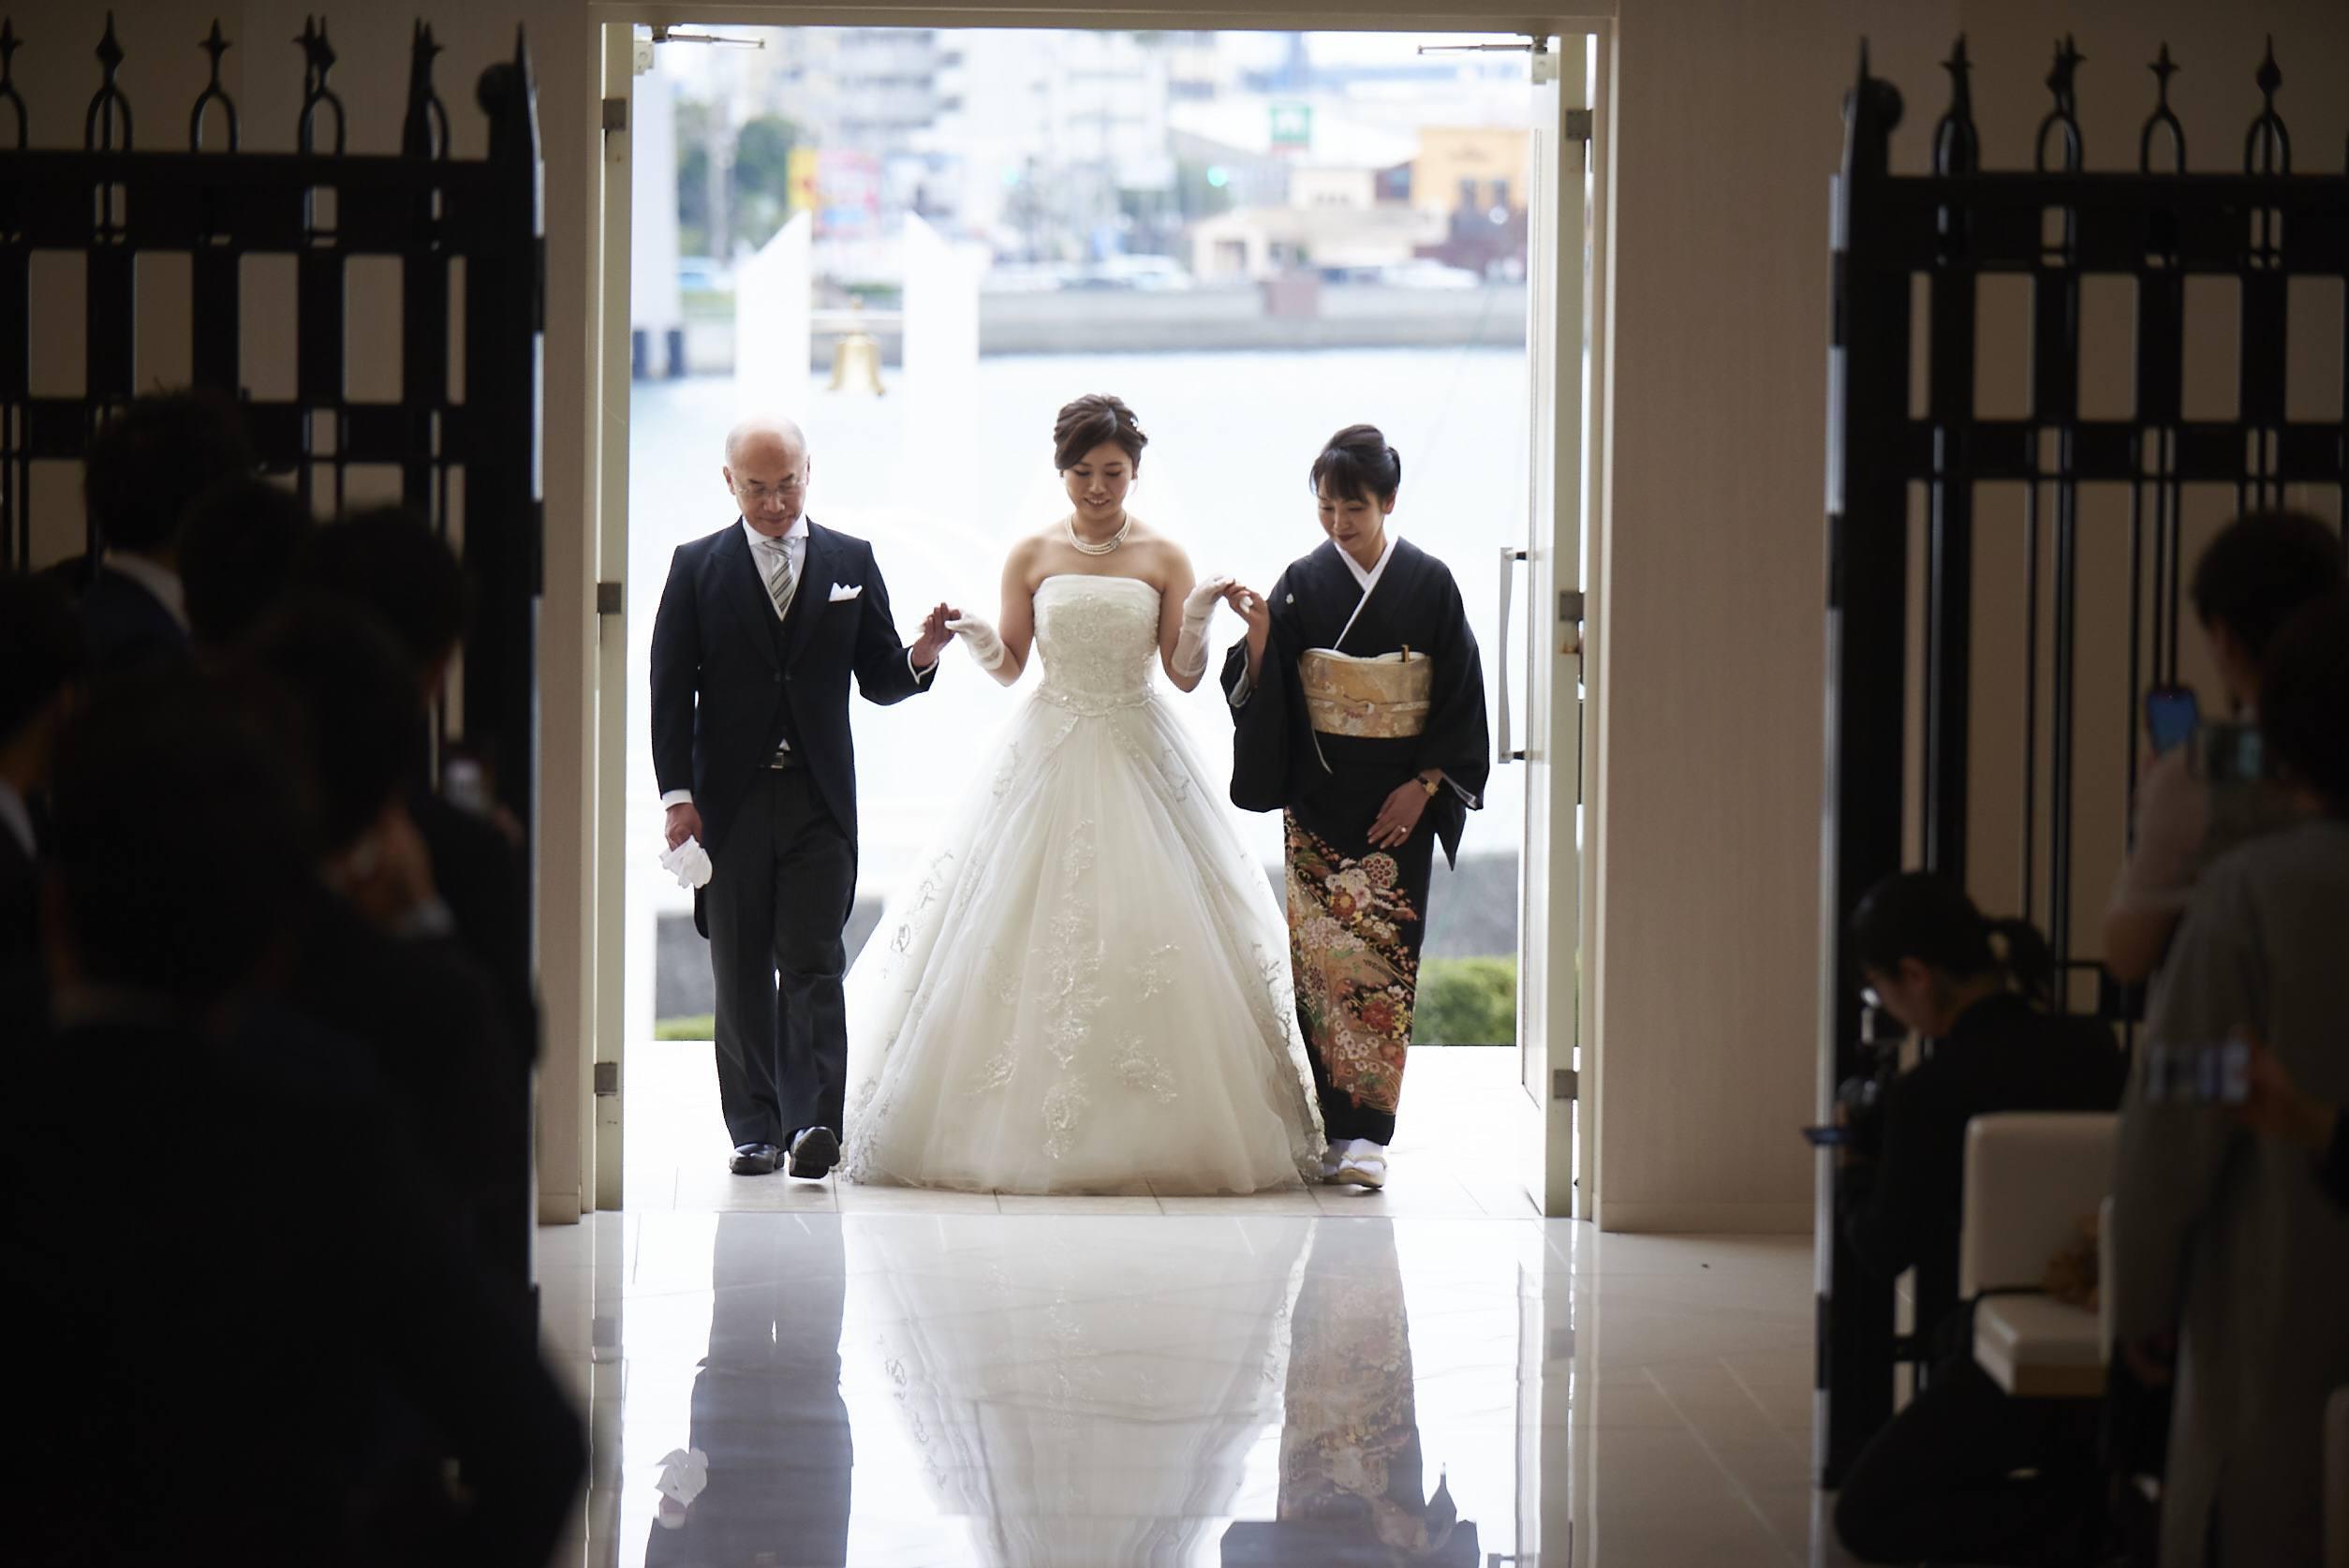 徳島市の結婚式場ブランアンジュで新婦様とご両親様の感動的なご入場